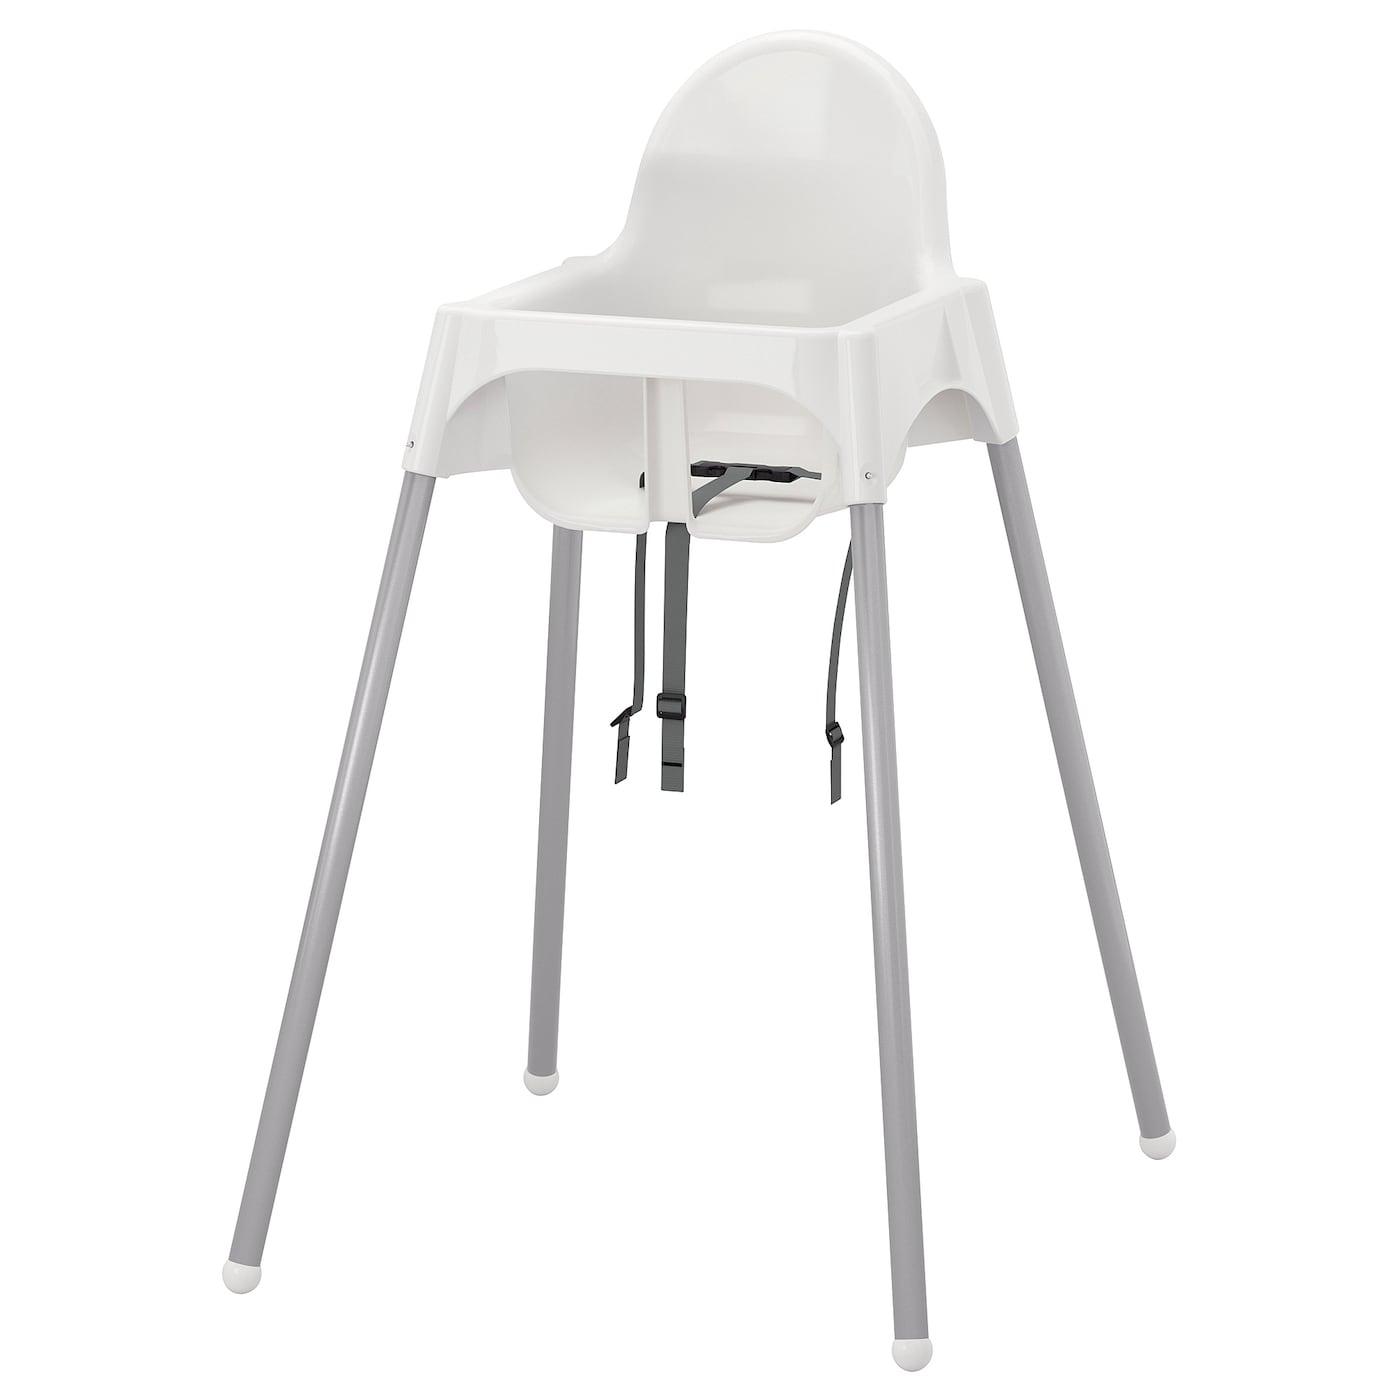 ANTILOP Chaise haute avec ceinture - blanc/couleur argent